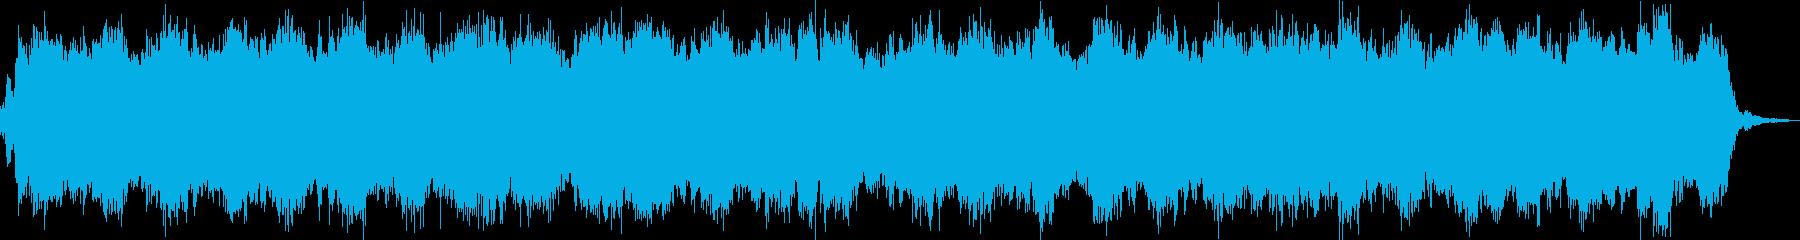 洋館探索ホラー系のBGMの再生済みの波形